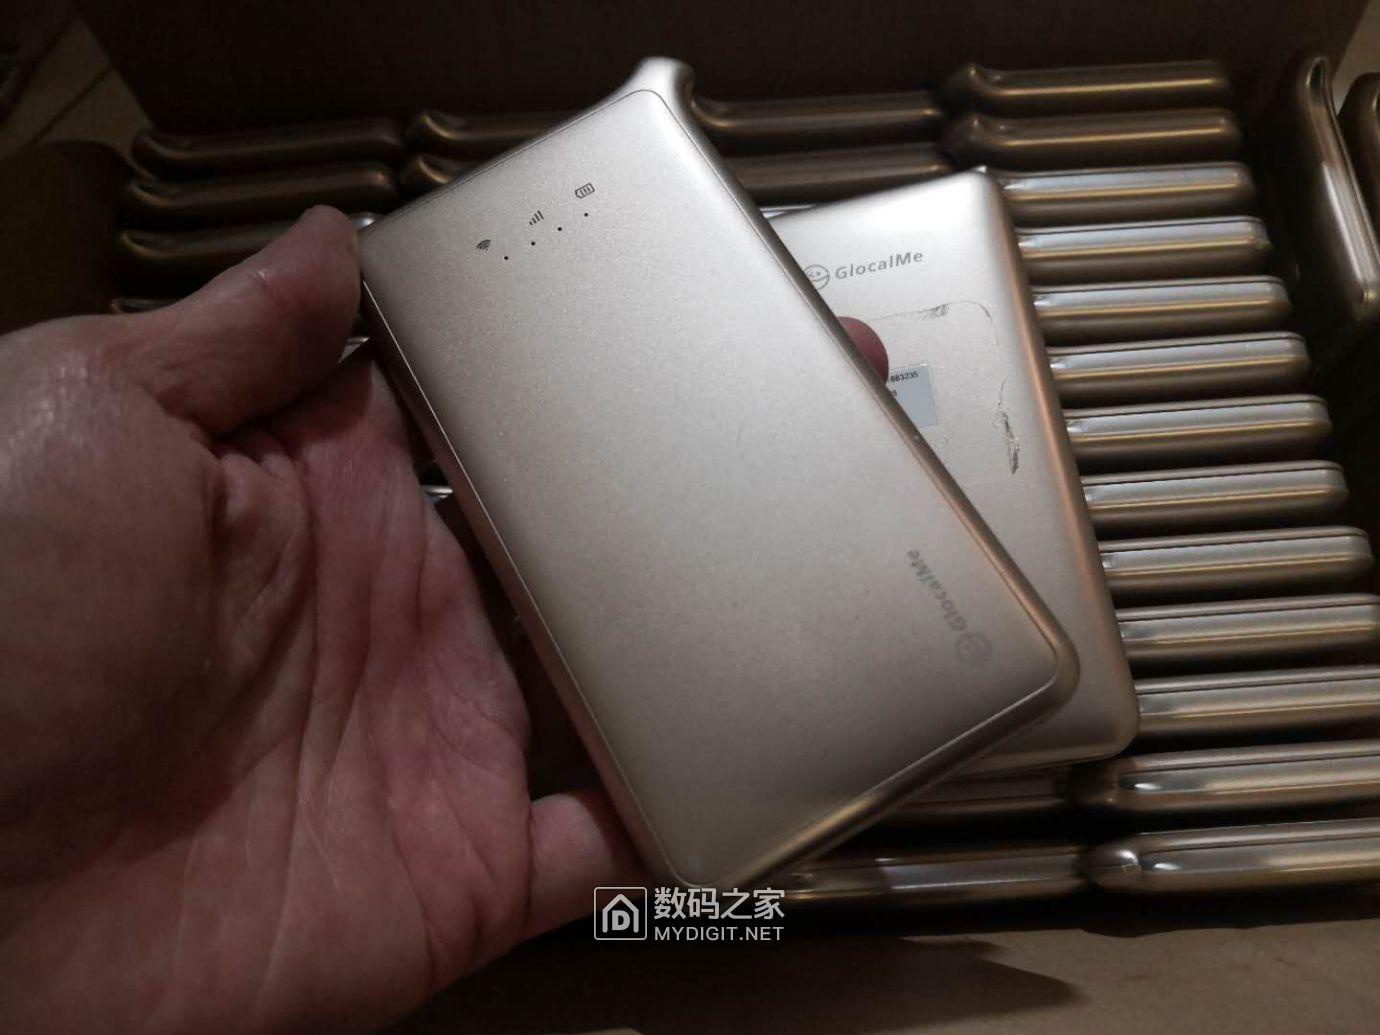 4G移动wifi全网通吉客